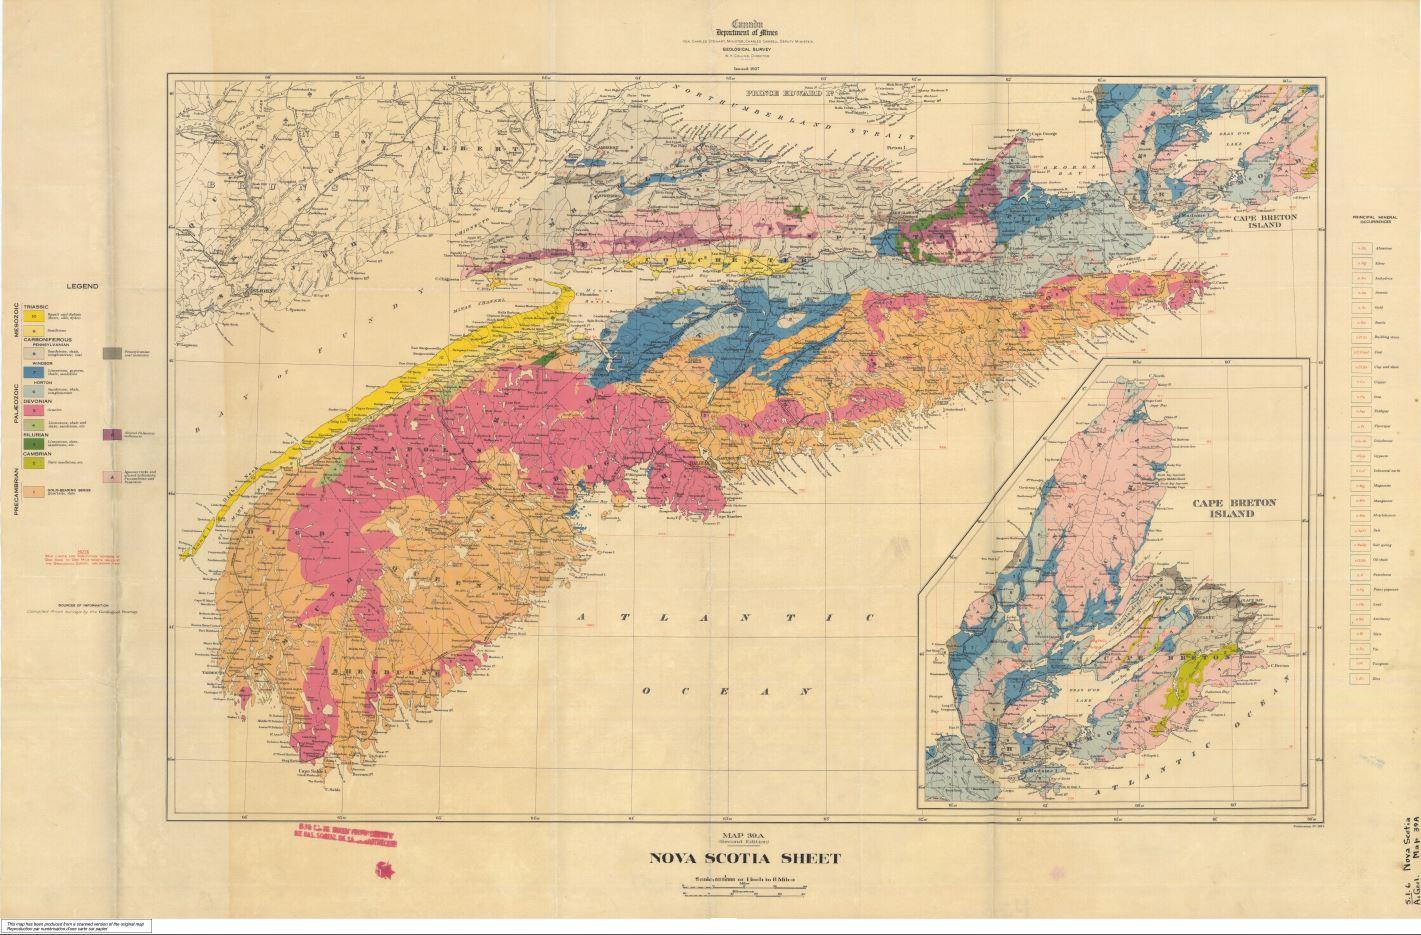 Carte Assurance Maladie Nouvelle Ecosse.Geoscan Resultats De La Recherche